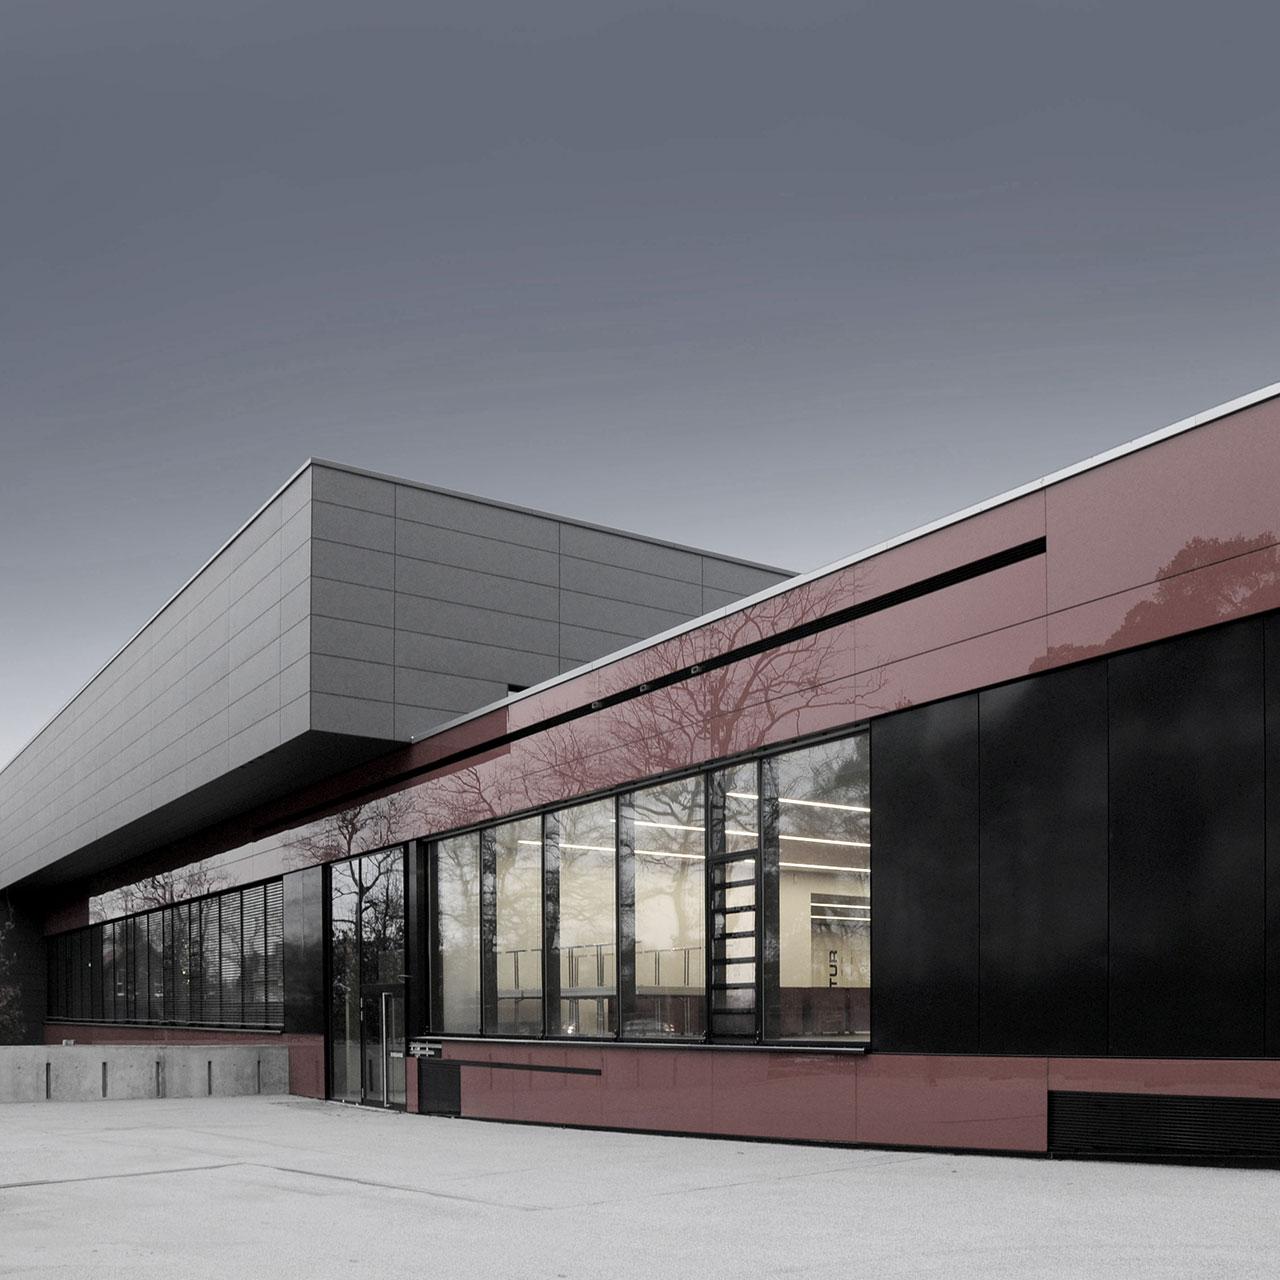 Neubau Sport- und Kulturzentrum Walldorf, Ansicht